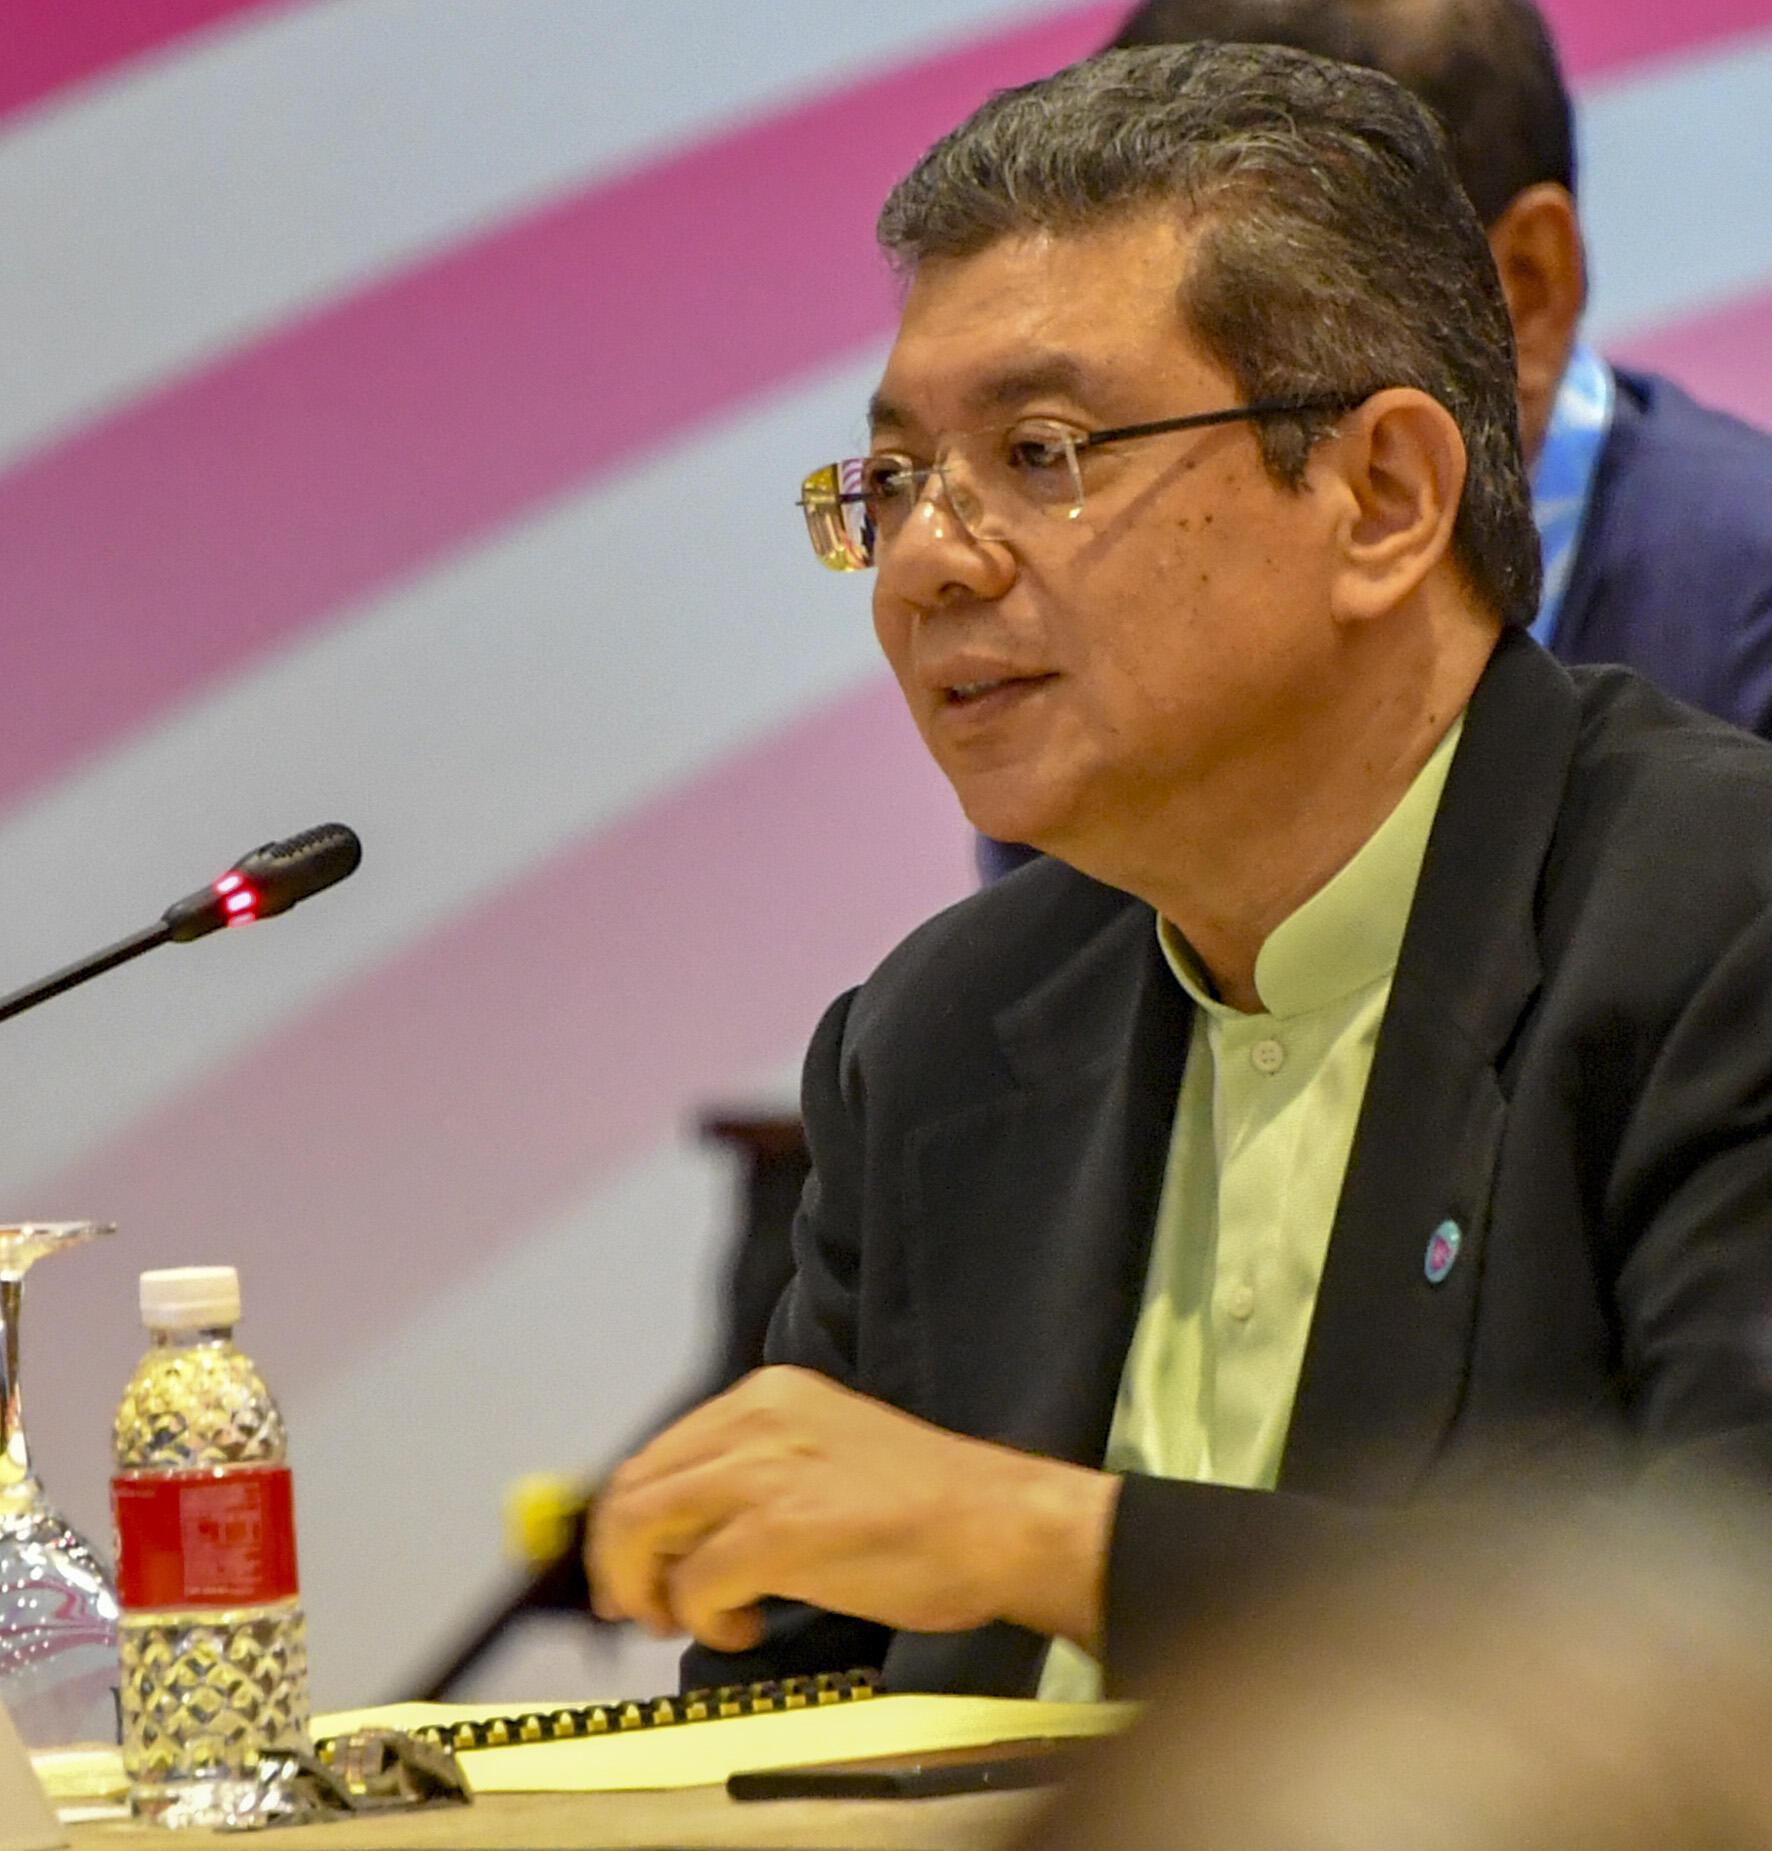 Ngoại trưởng Malaysia Saifuddin Abdullah. Ảnh chụp ngày 03/08/2018.